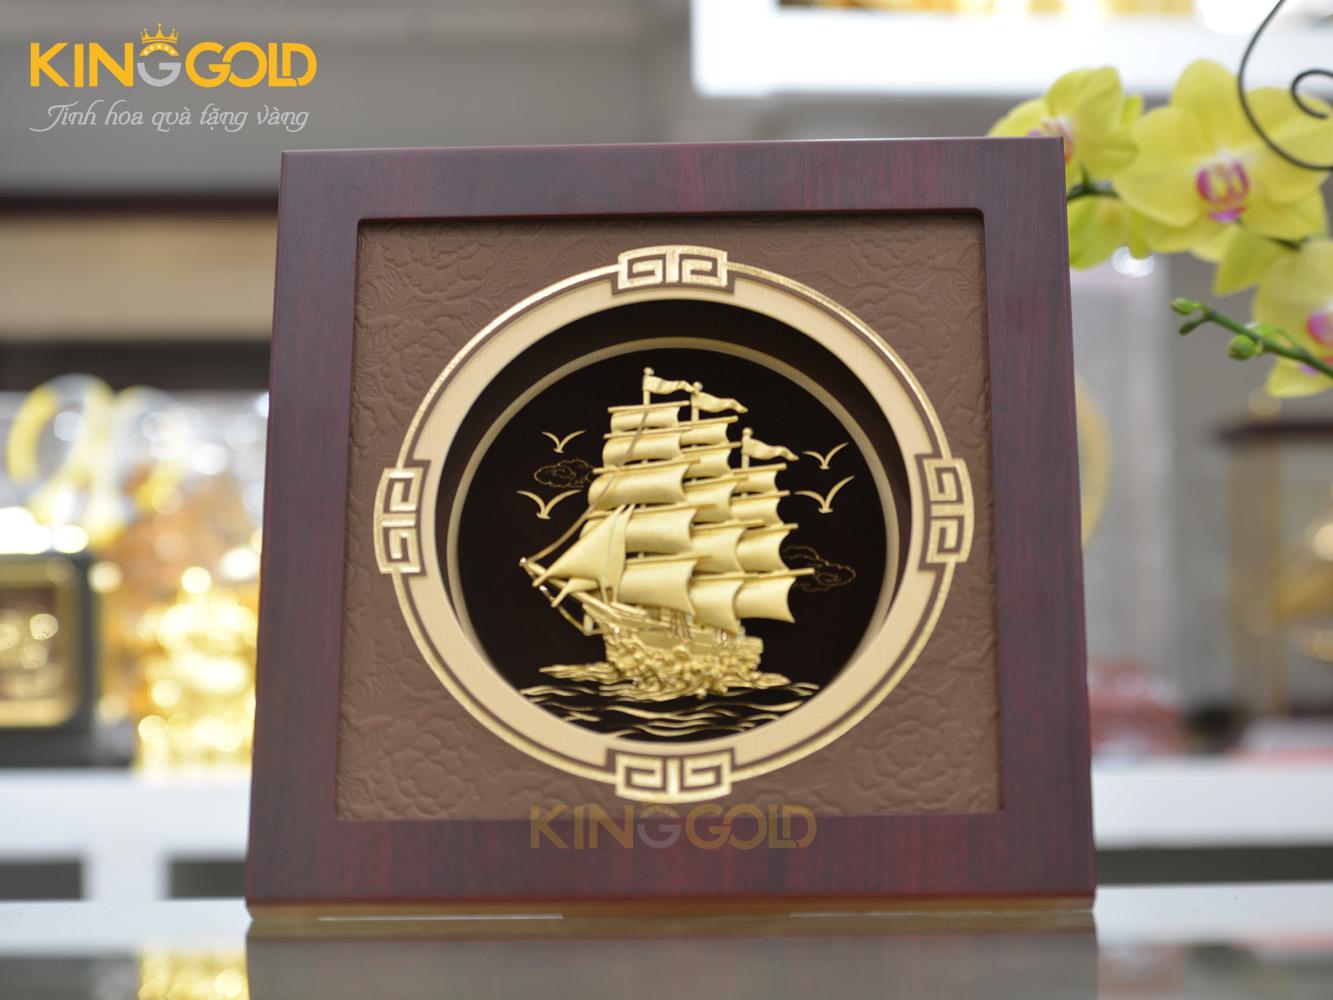 Vua quà tặng vàng King Gold gift